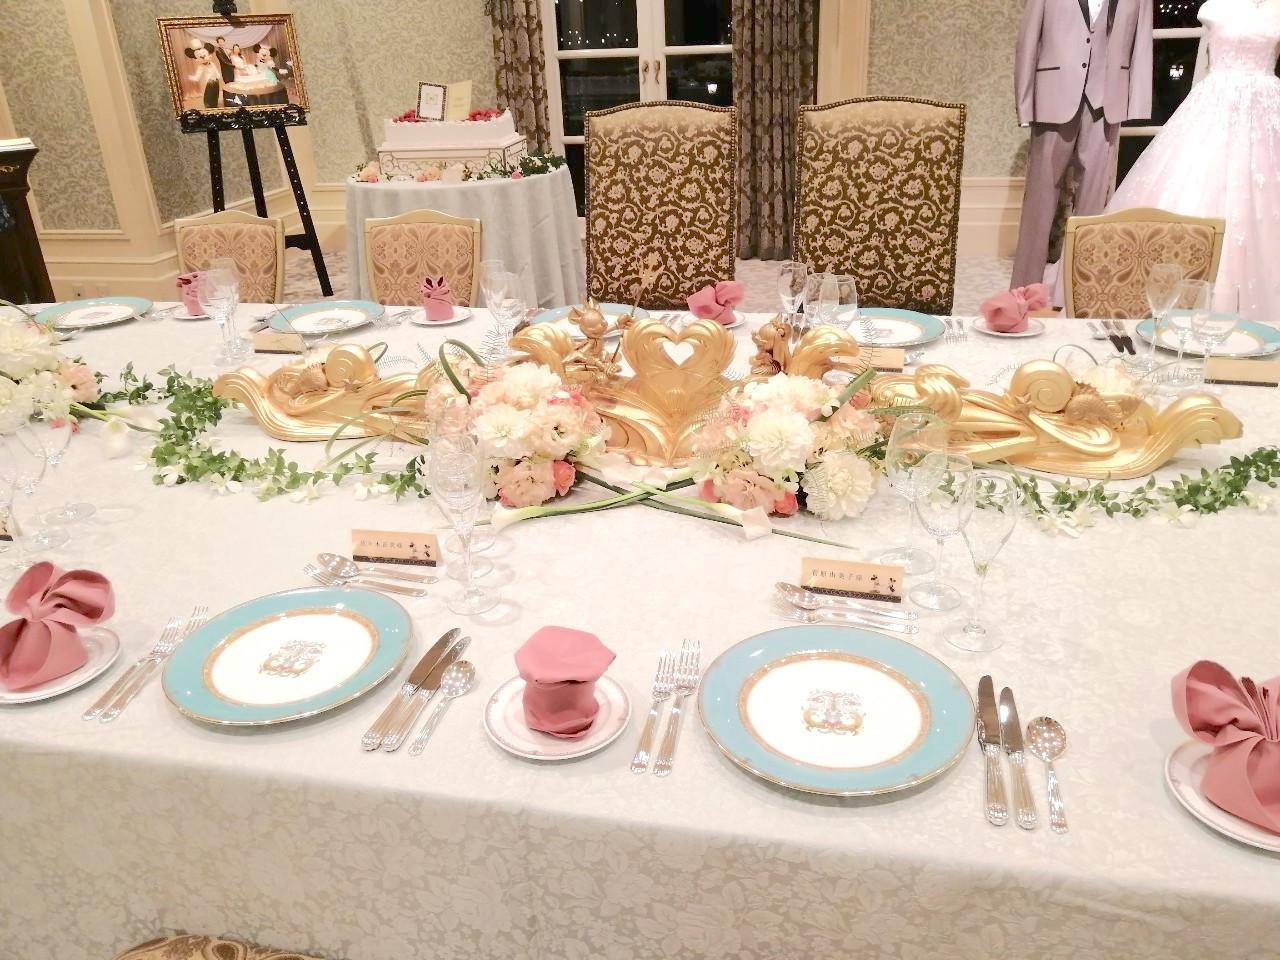 ミラコスタ 結婚 式 費用 ディズニーシー・ホテルミラコスタでの結婚式ブログ!費用や反省点の...